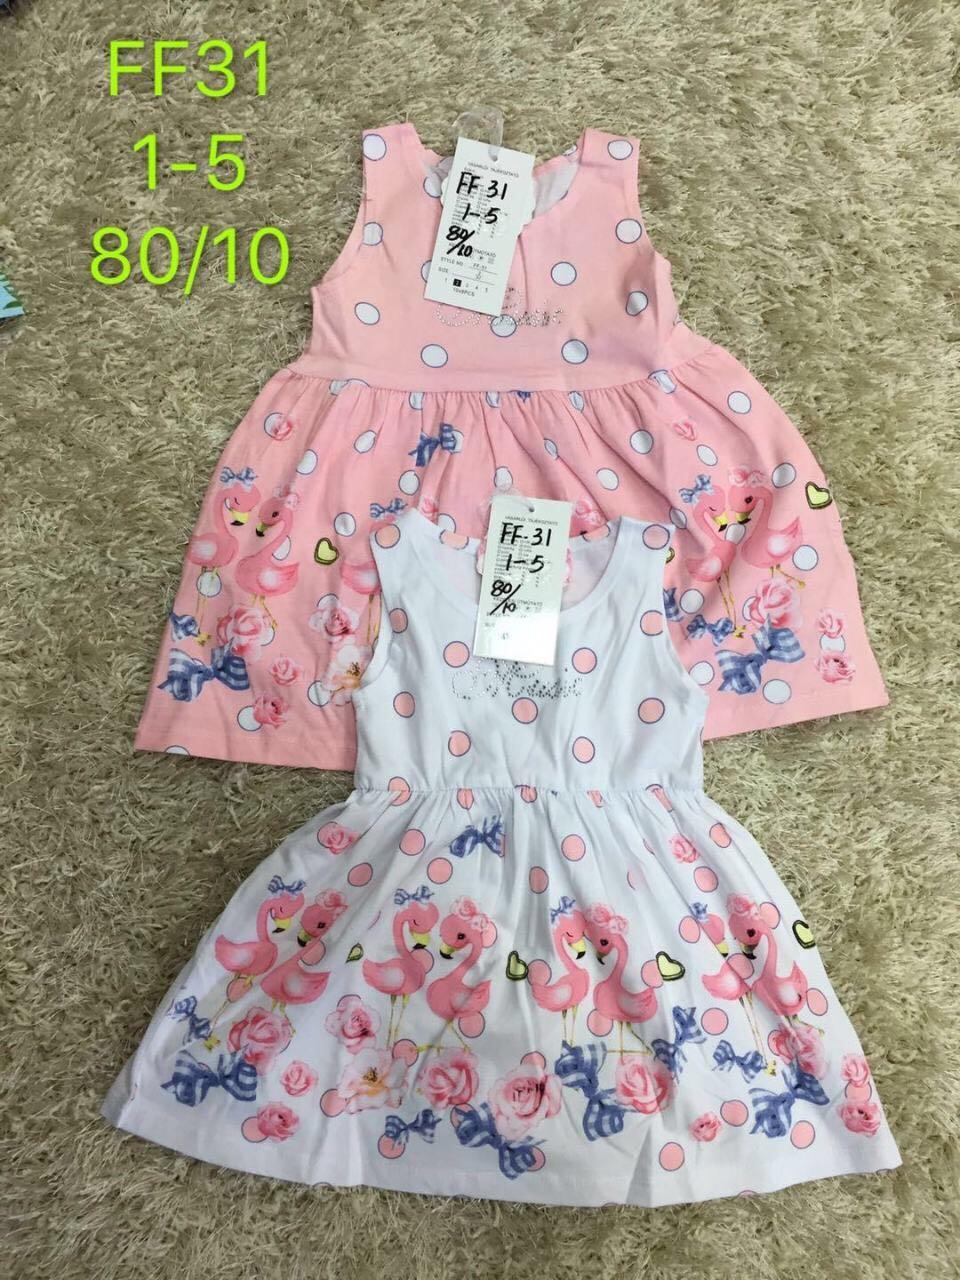 Платье летнее для девочек оптом, S&D, размеры 1-5 лет, арт. FF-31